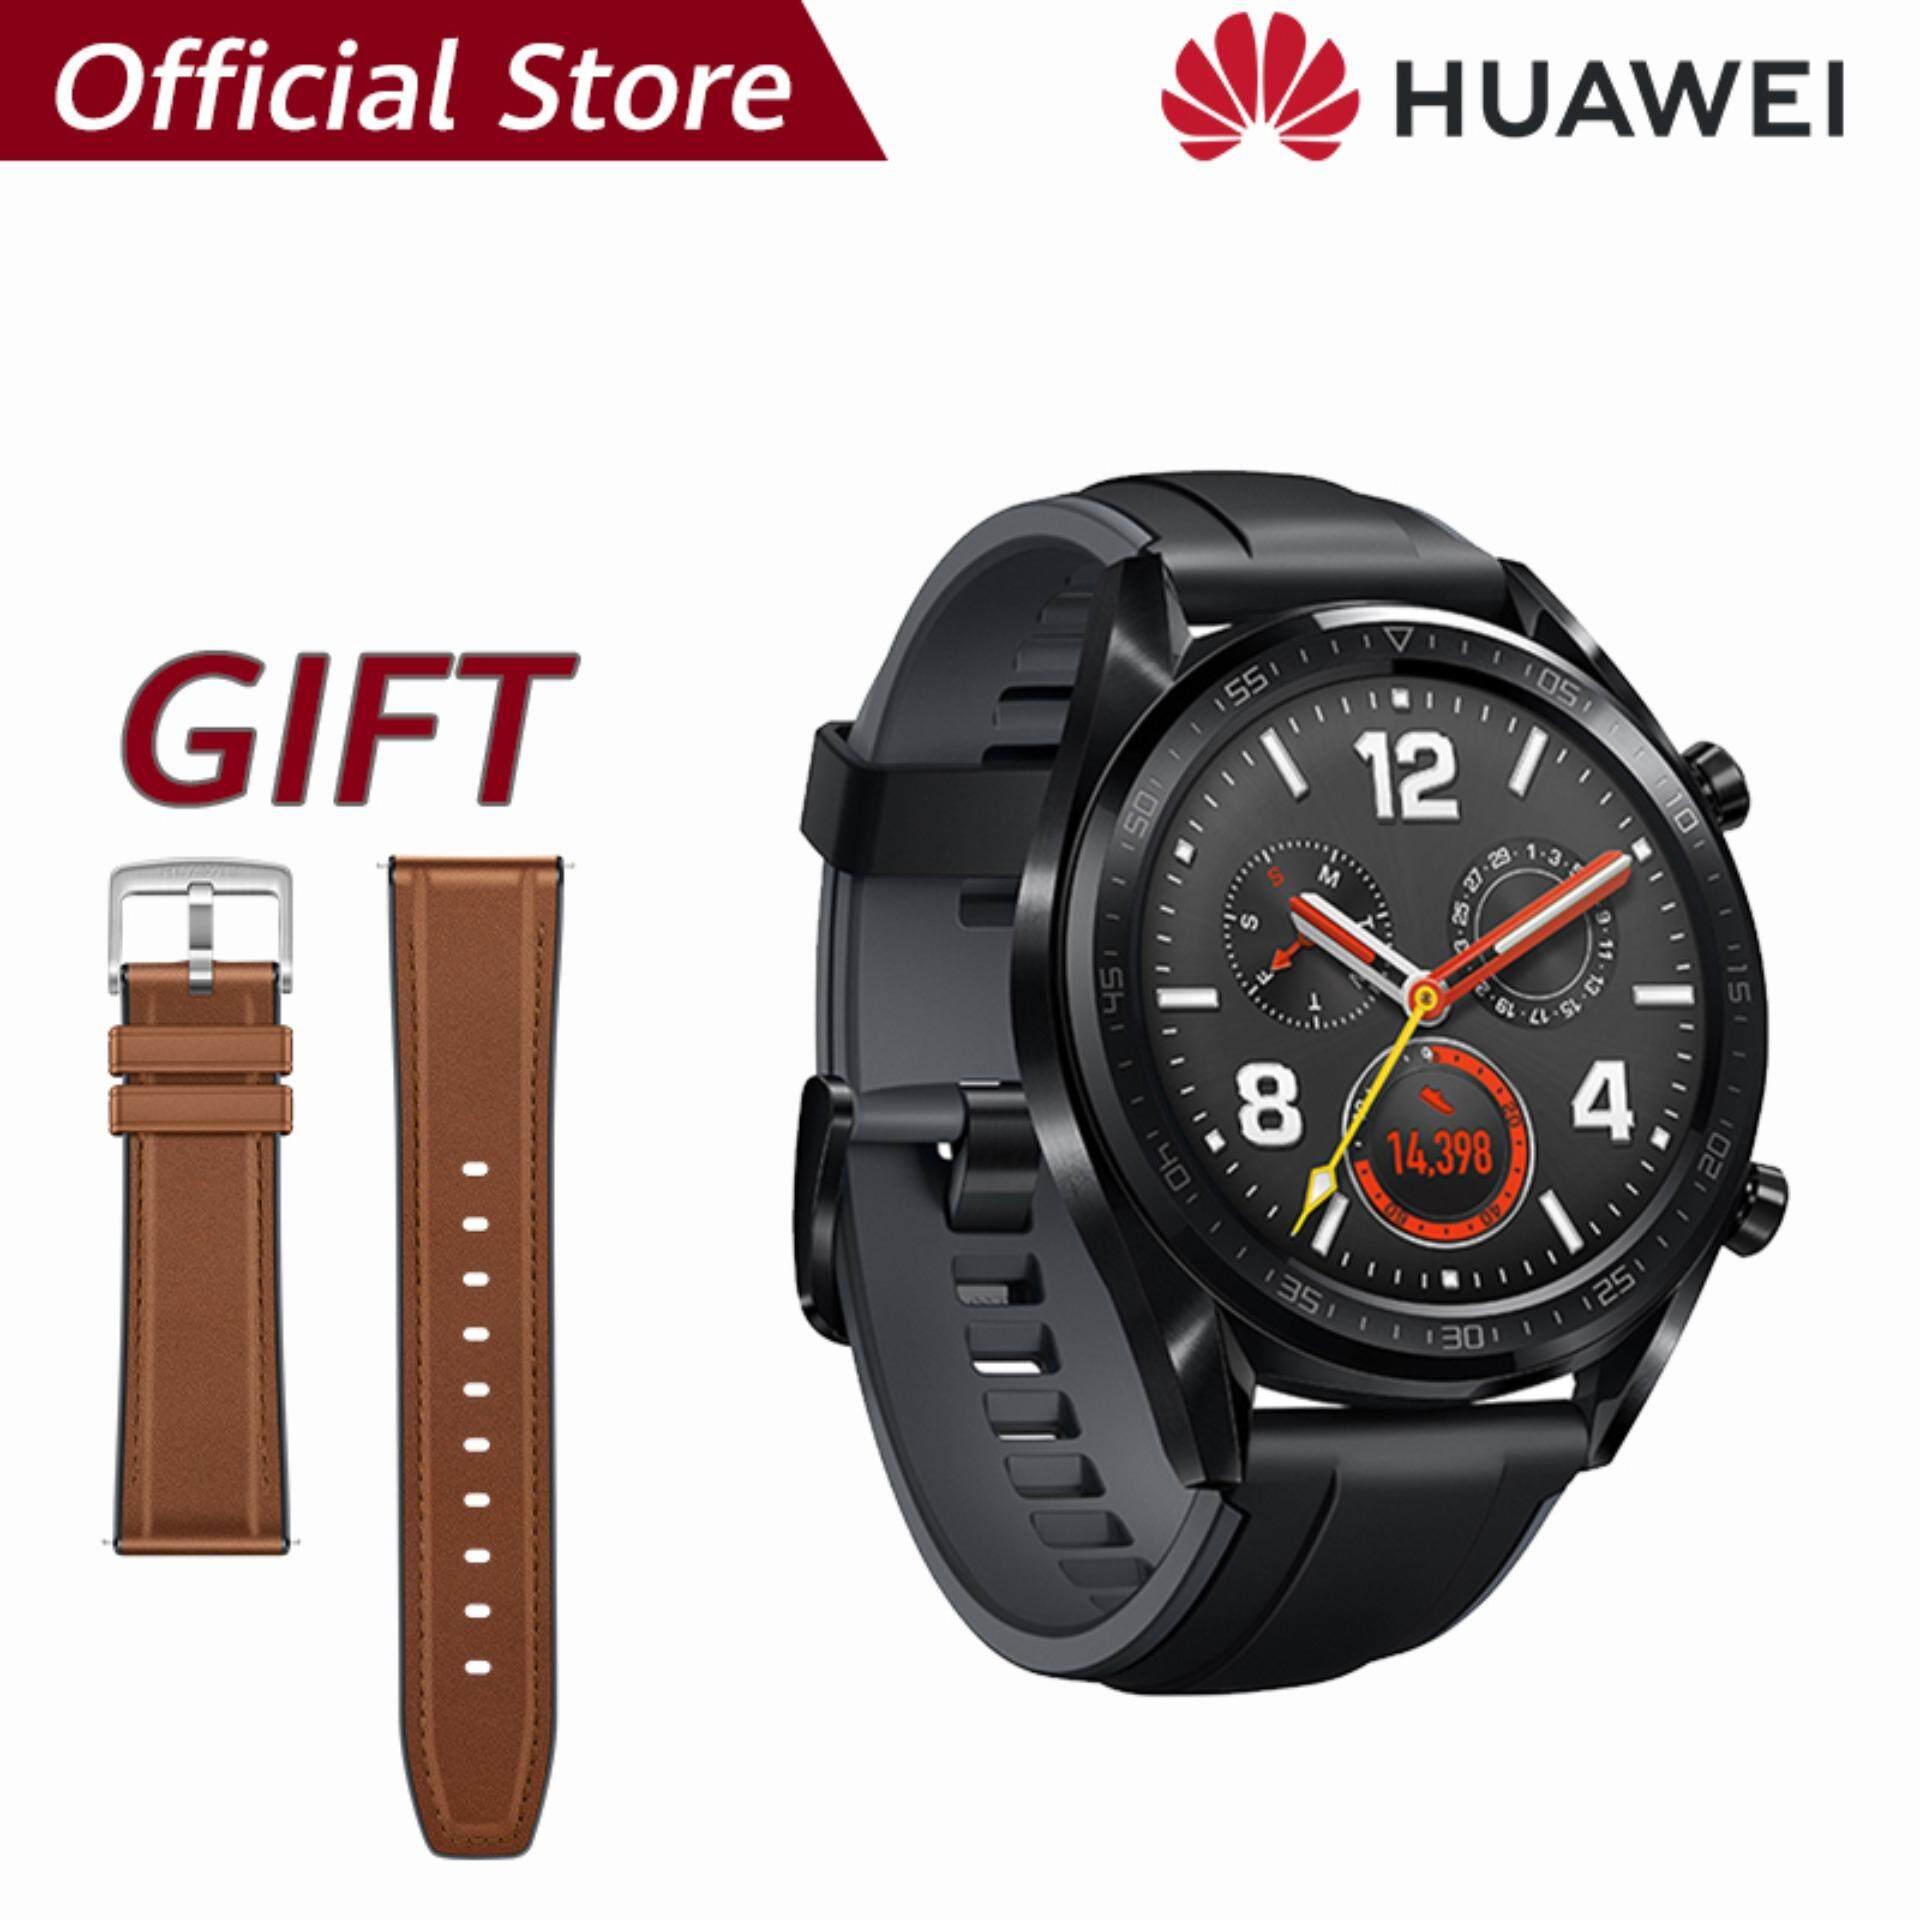 【ผ่อน 0% 10 เดือน】Huawei Watch GT แบตเตอรี่ที่แข็งแกร่ง*พร้อมของแถมHUAWEI Strap สี Brown